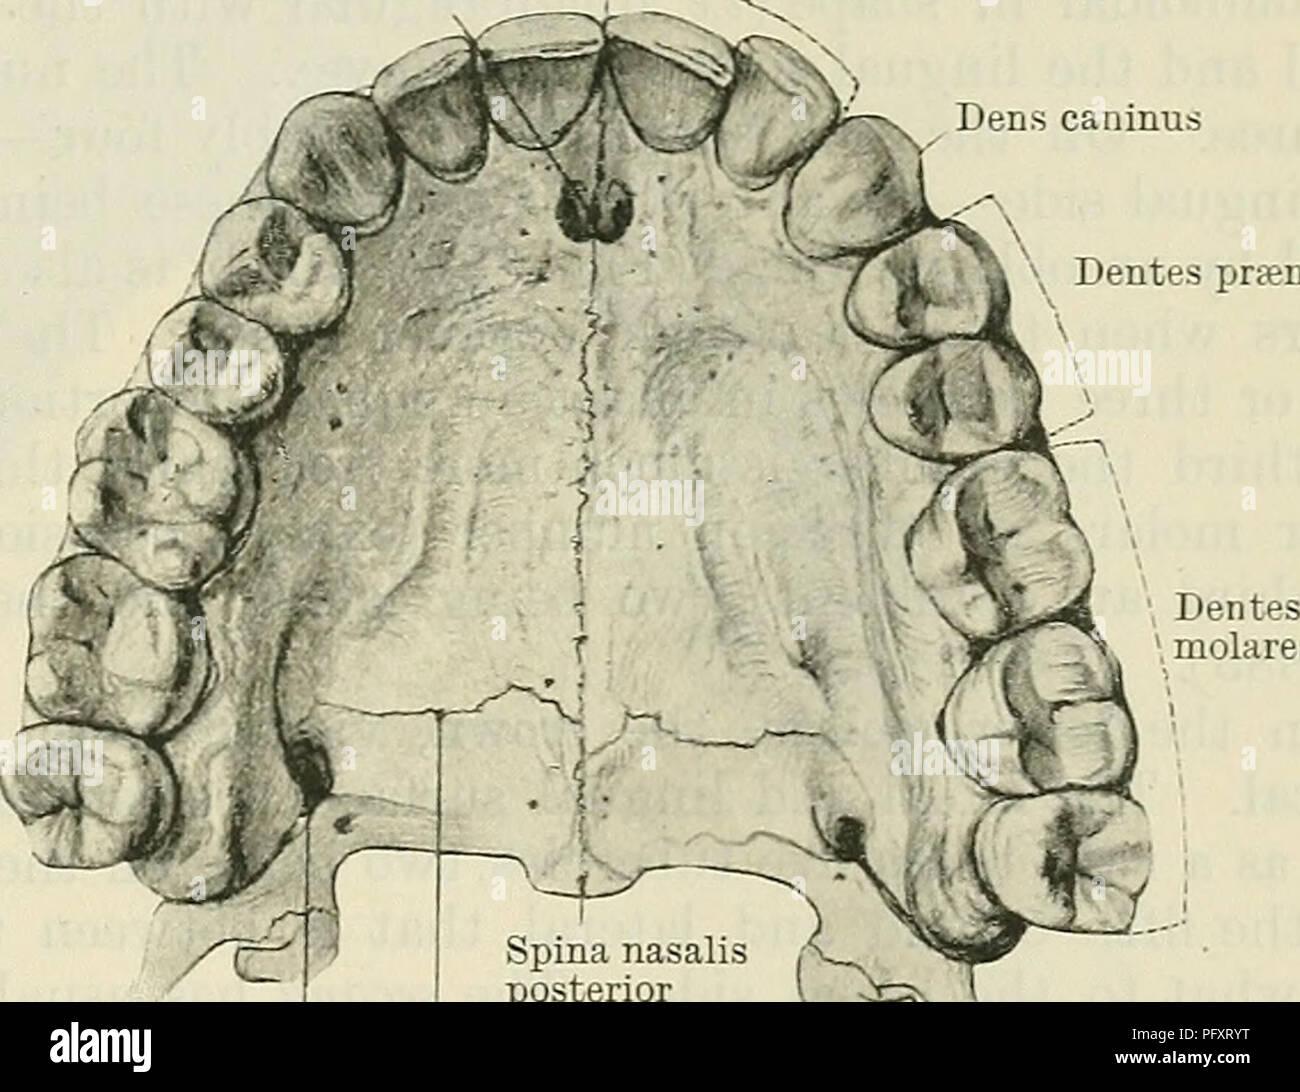 Cunninghams Text Book Of Anatomy Anatomy Peemaxext Teeth 1117